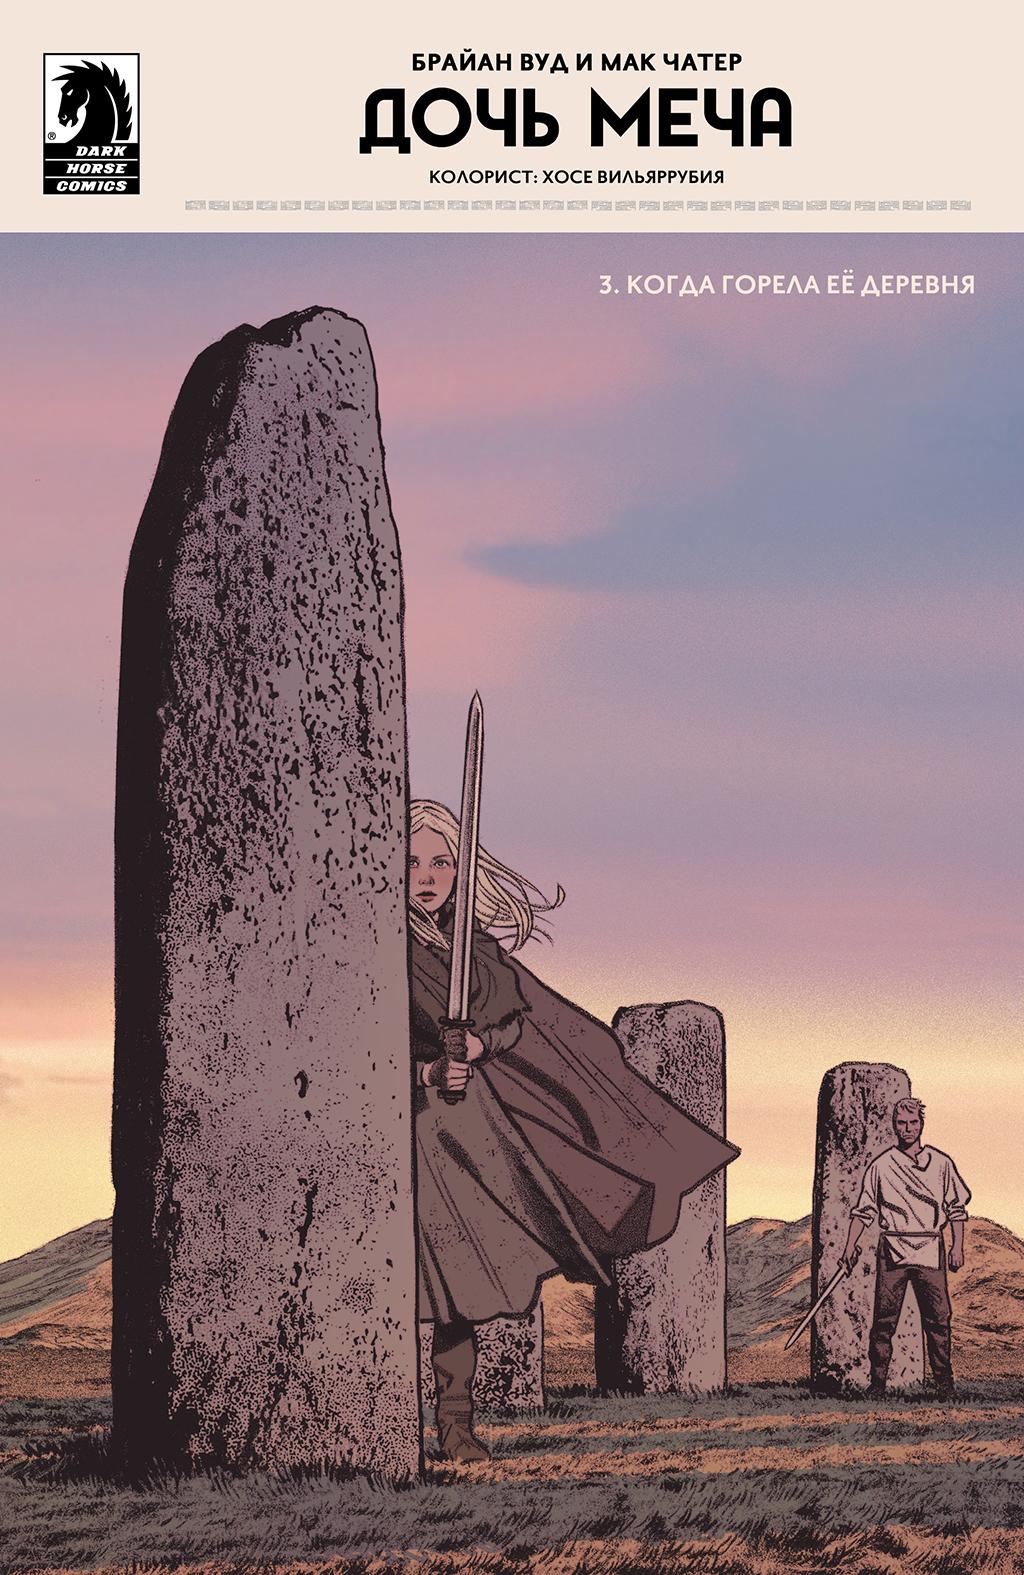 Комикс Дочь меча